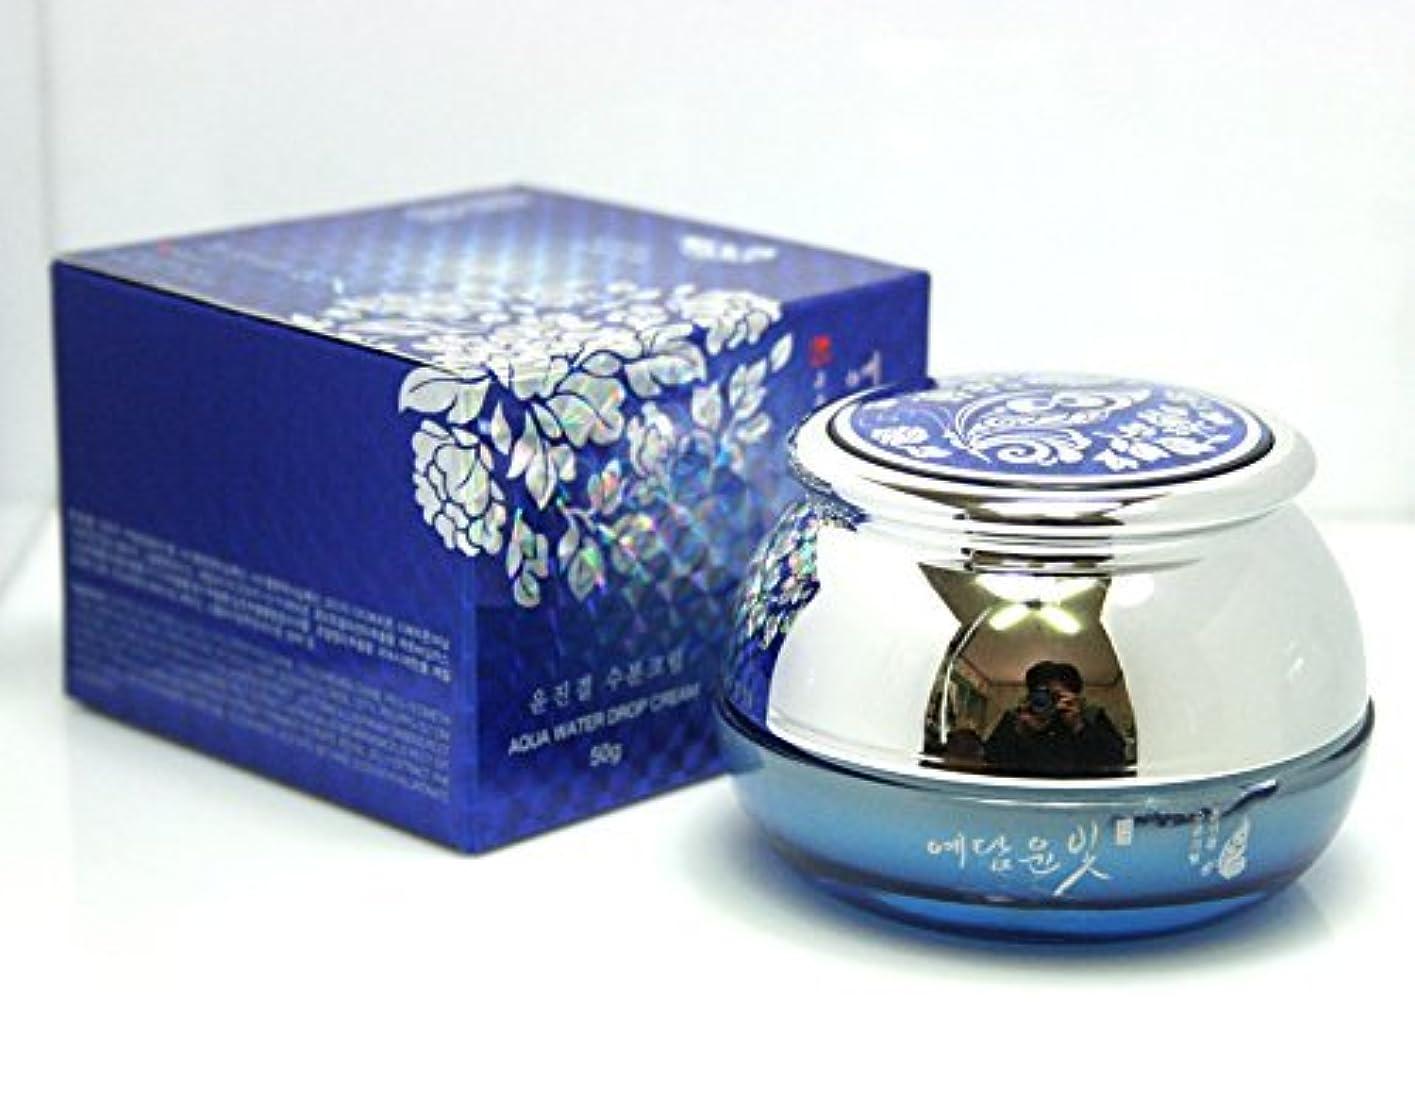 うがいニュース洗練[YEDAM YUN BIT] Yunjin Gyeolアクアウォータードロップクリーム50g / オリエンタルハーブ / 韓国化粧品 / Yunjin Gyeol Aqua Water Drop Cream 50g /...